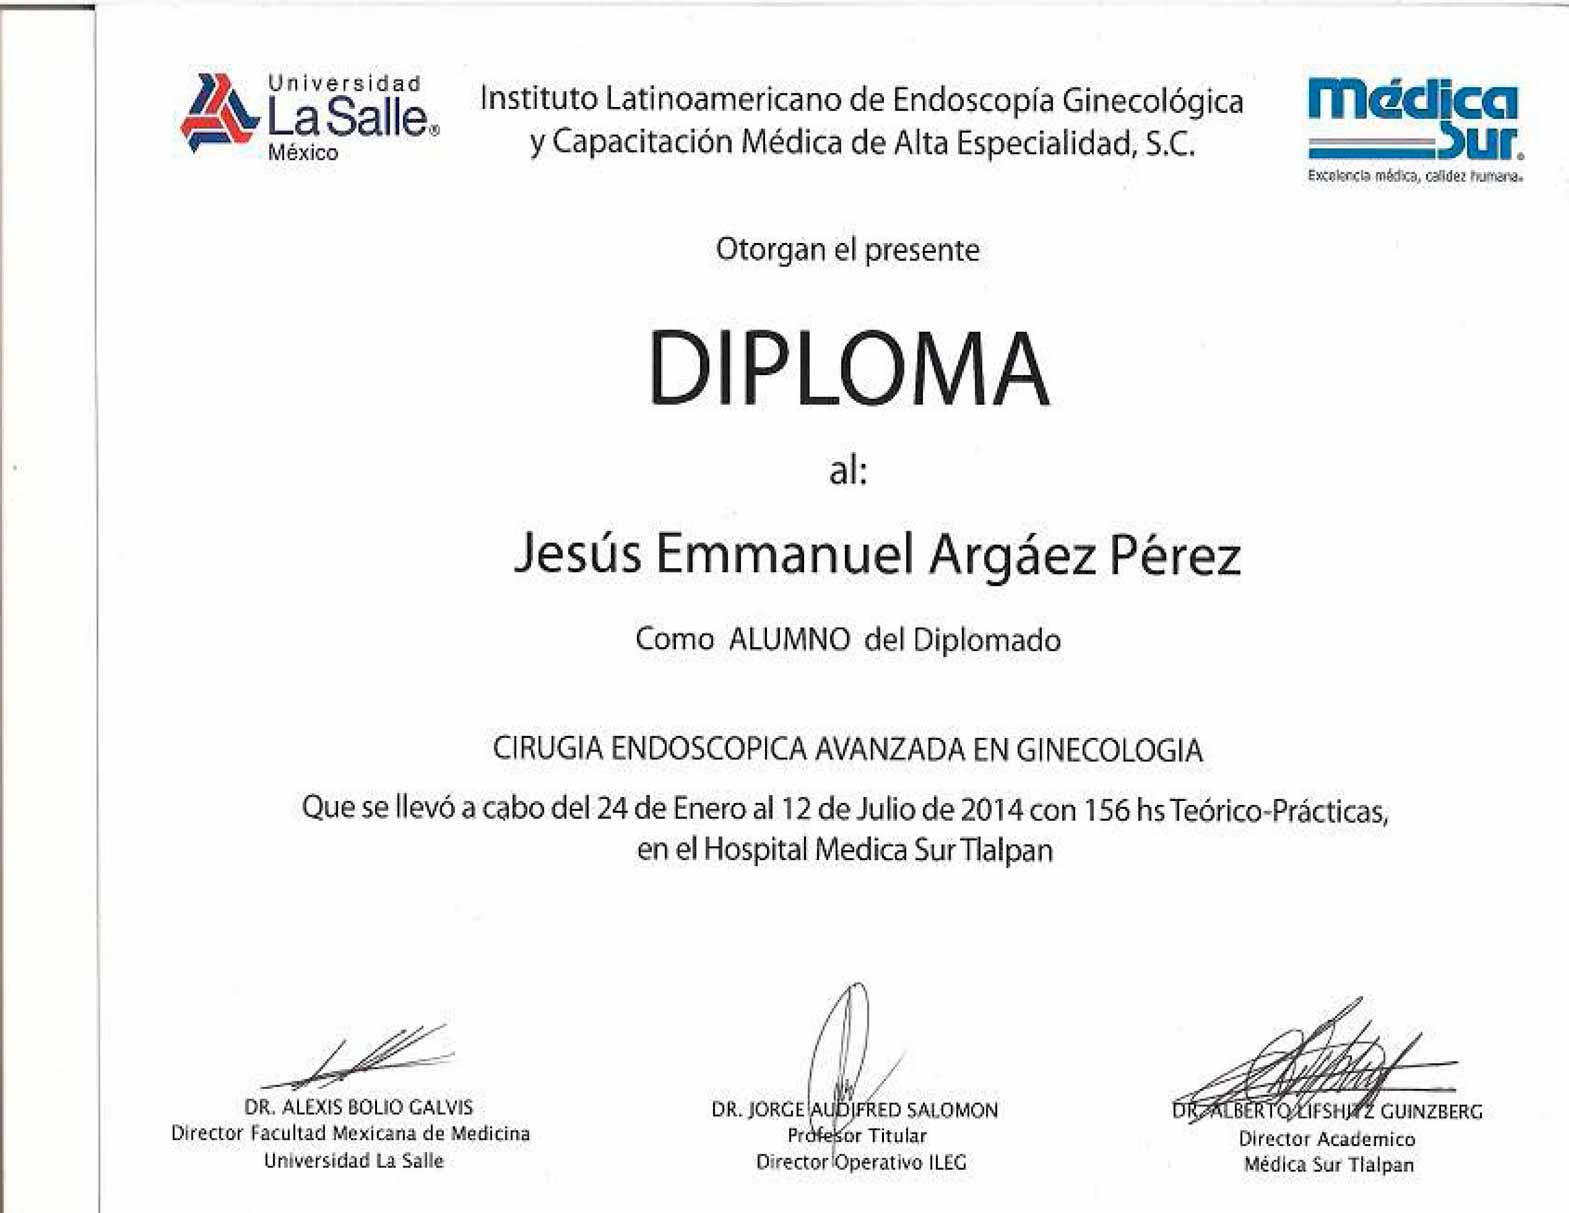 Diploma Cirugía Endoscópica Avanzada en Ginecología